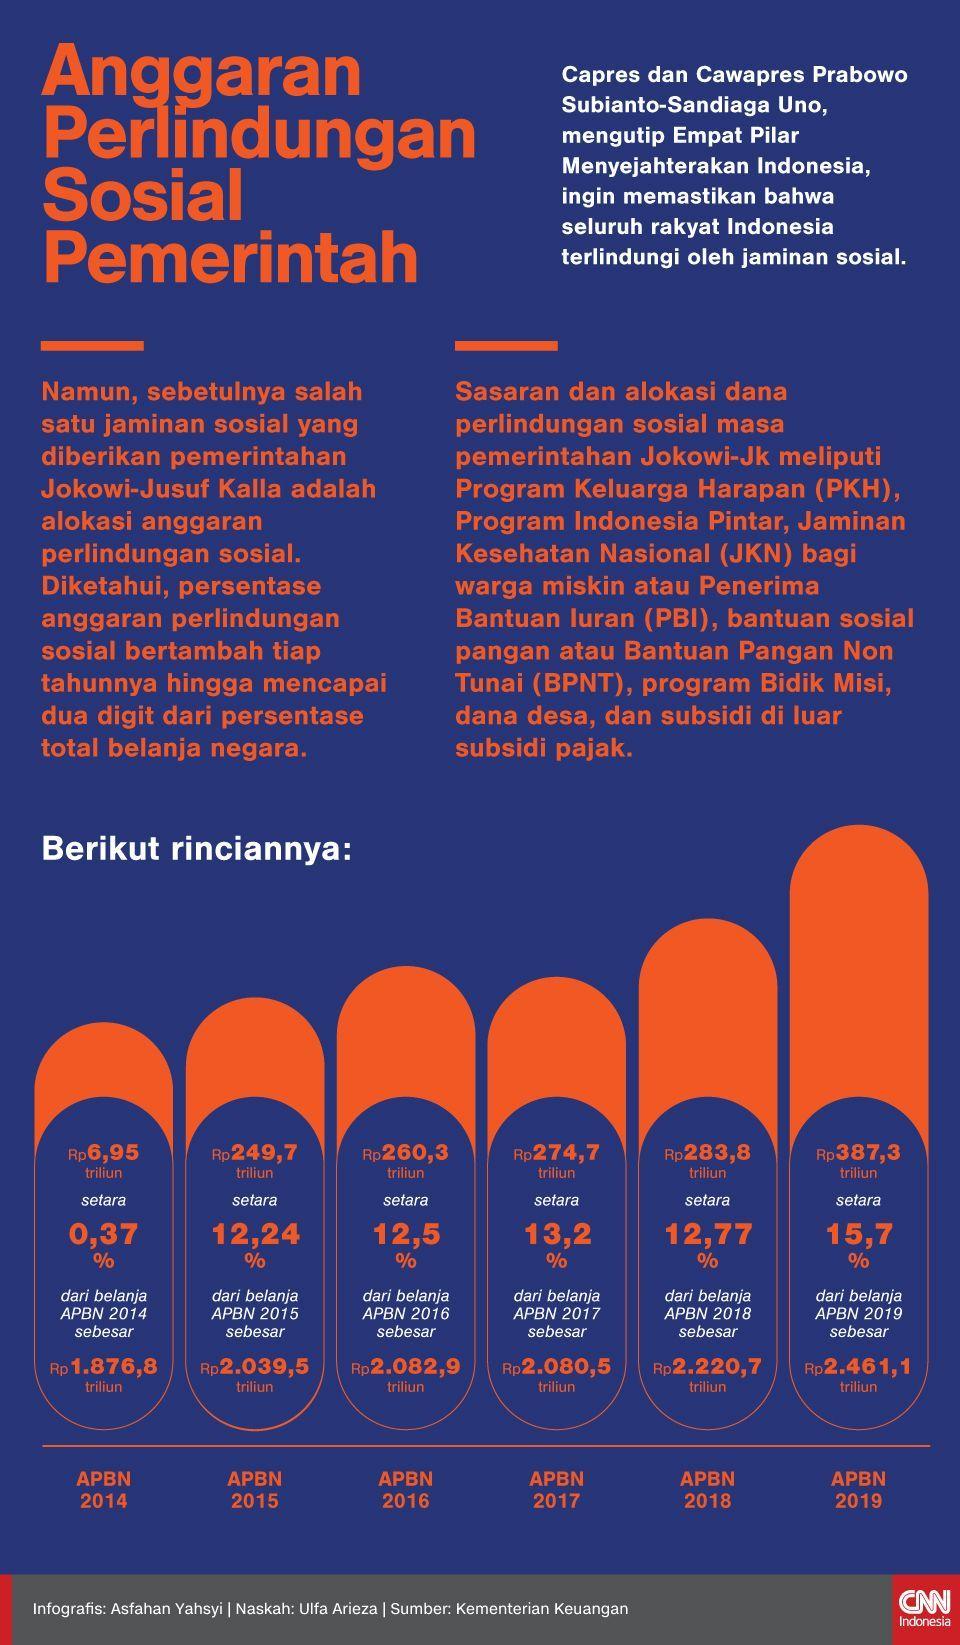 Infografis Anggaran Perlindungan Sosial Pemerintah